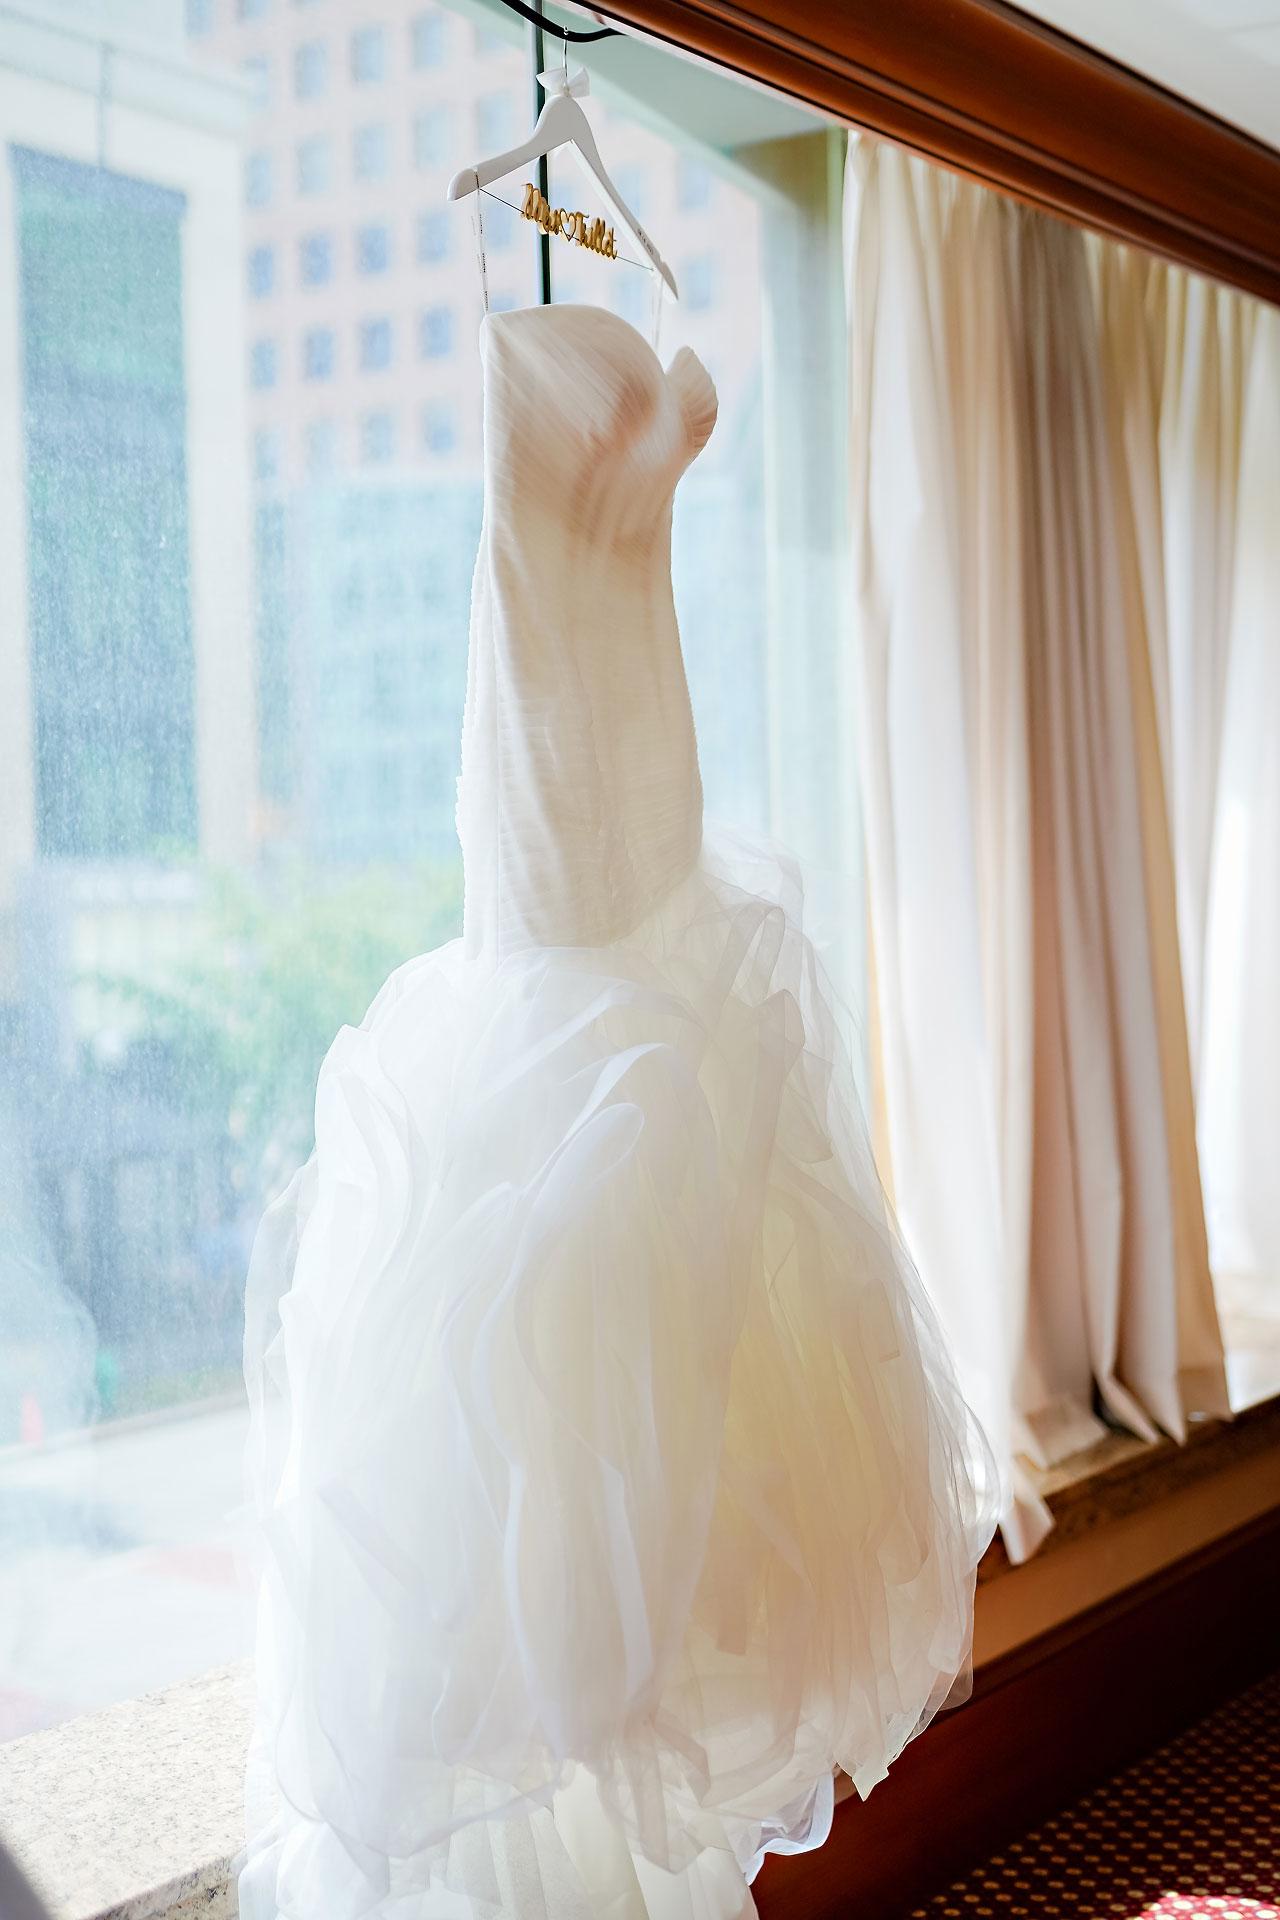 Liz Zach Conrad Artsgarden Indianapolis Wedding 002